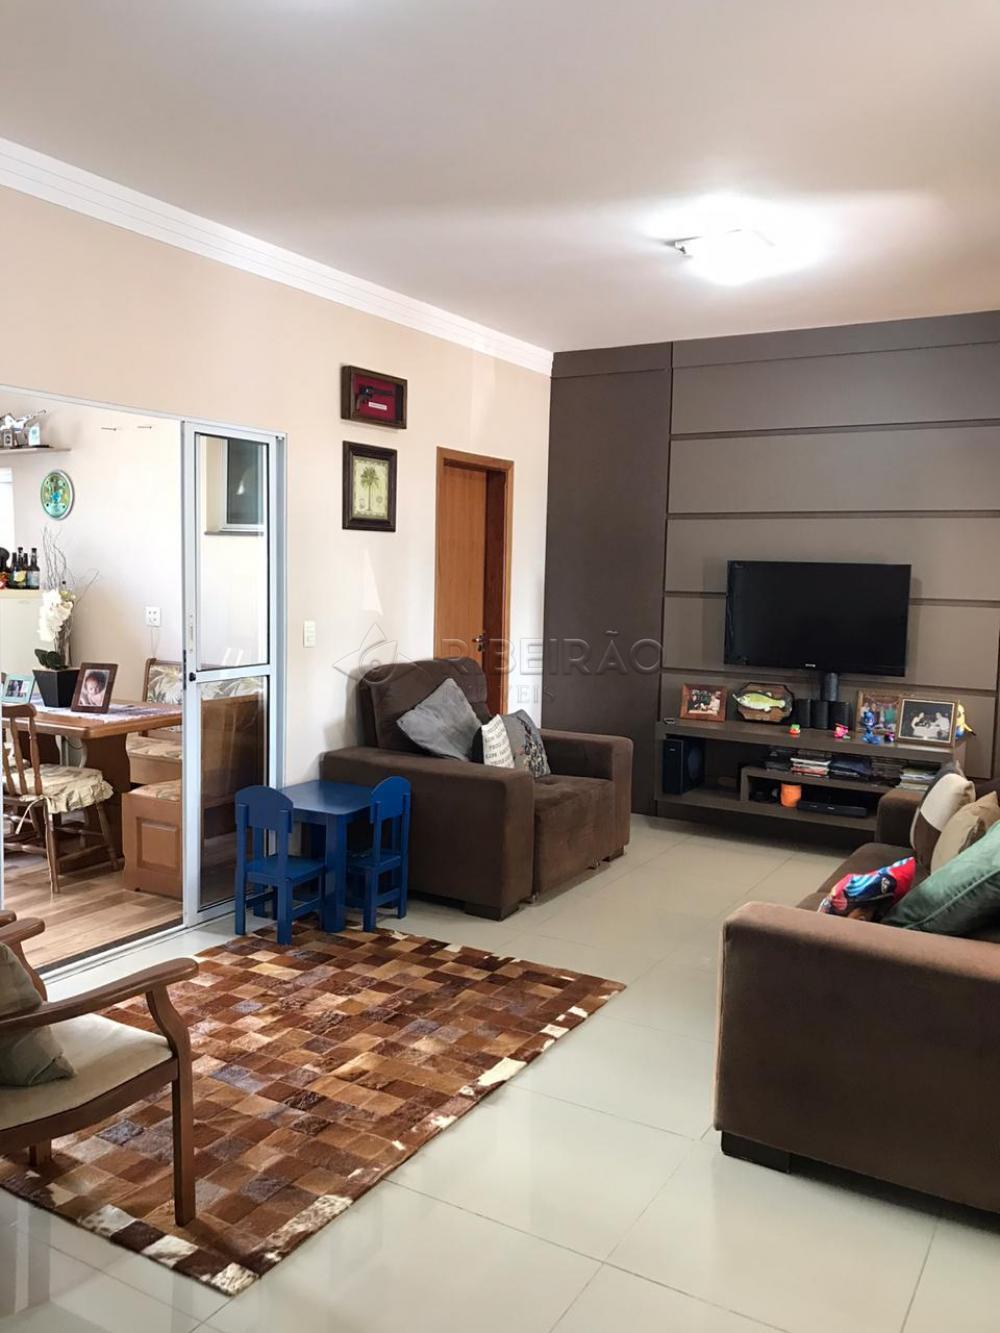 Alugar Casa / Condomínio em Cravinhos apenas R$ 3.500,00 - Foto 22